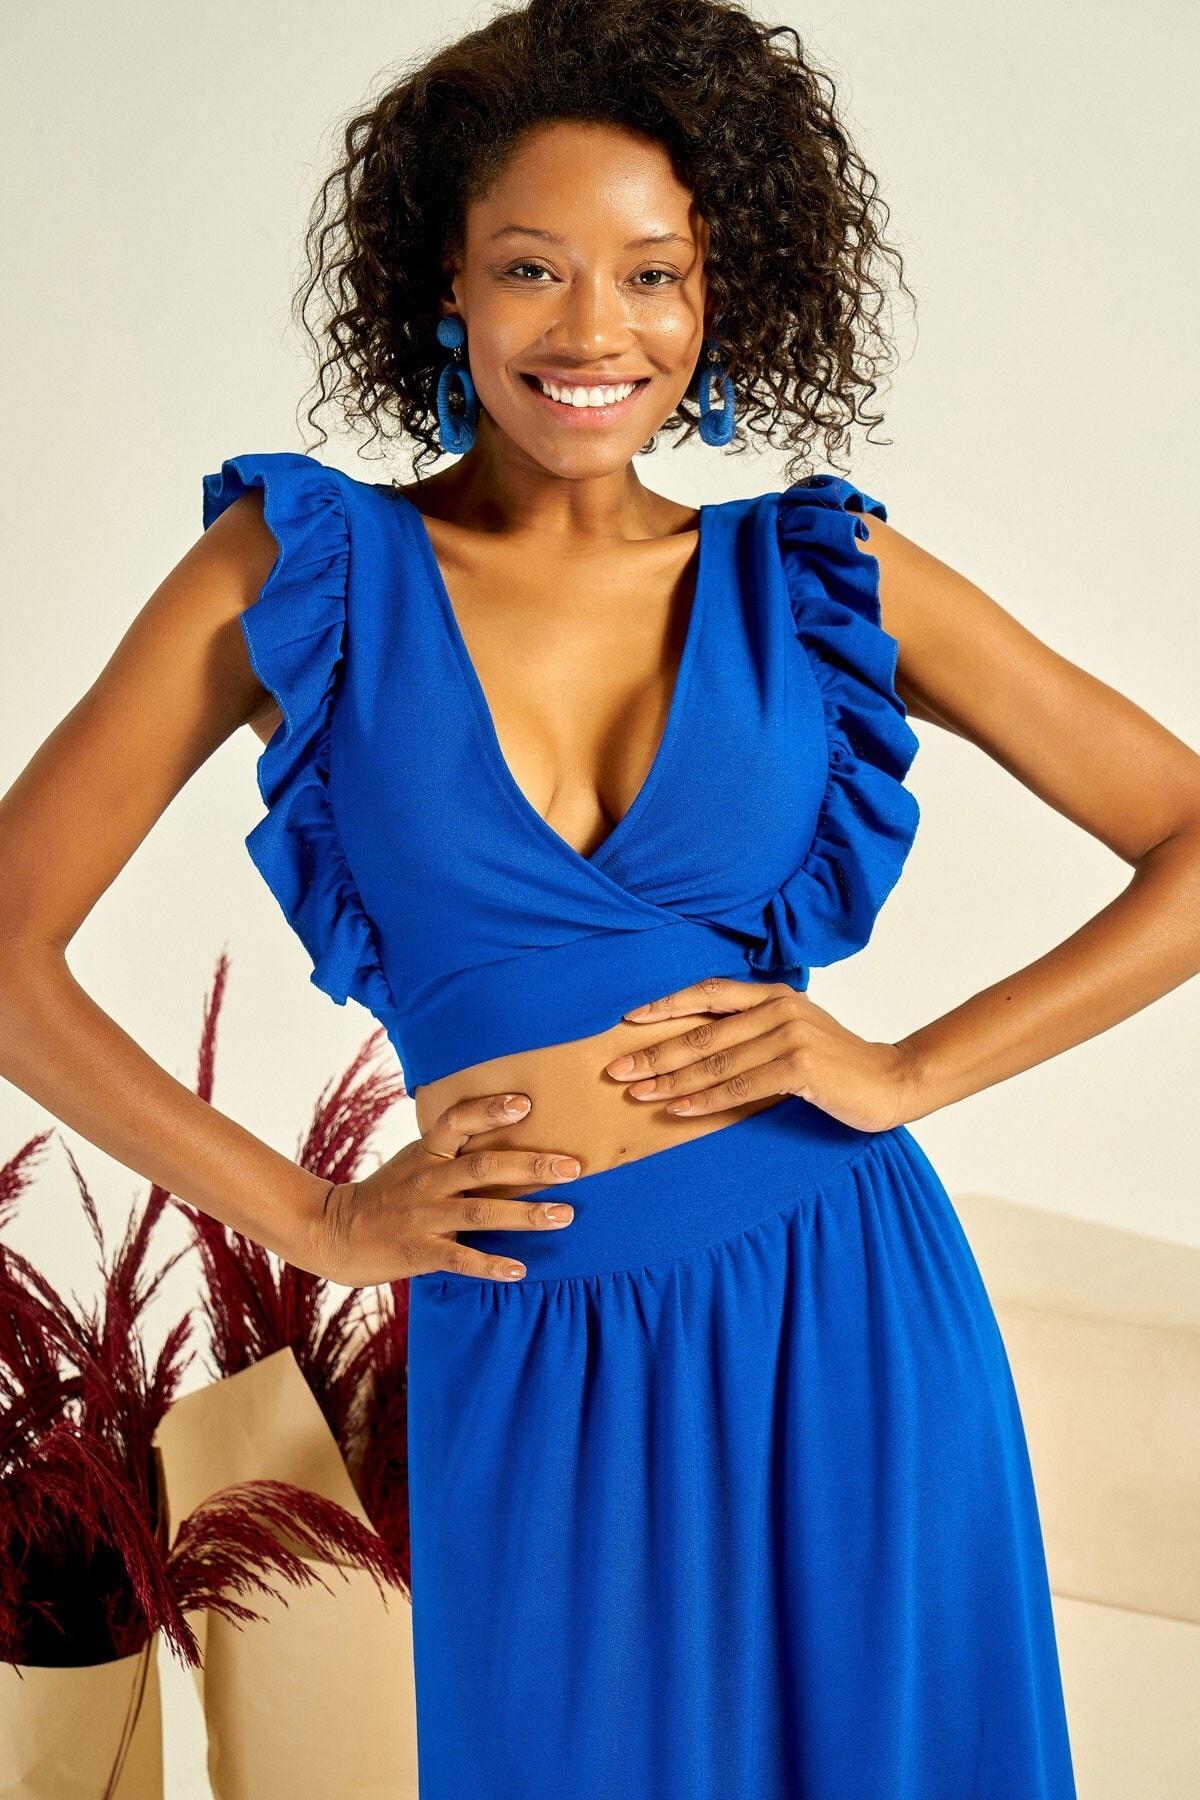 Boutiquen Kadın Saks Mavisi Altı Bağlamalı V Yaka Volanlı Bluz 4001B